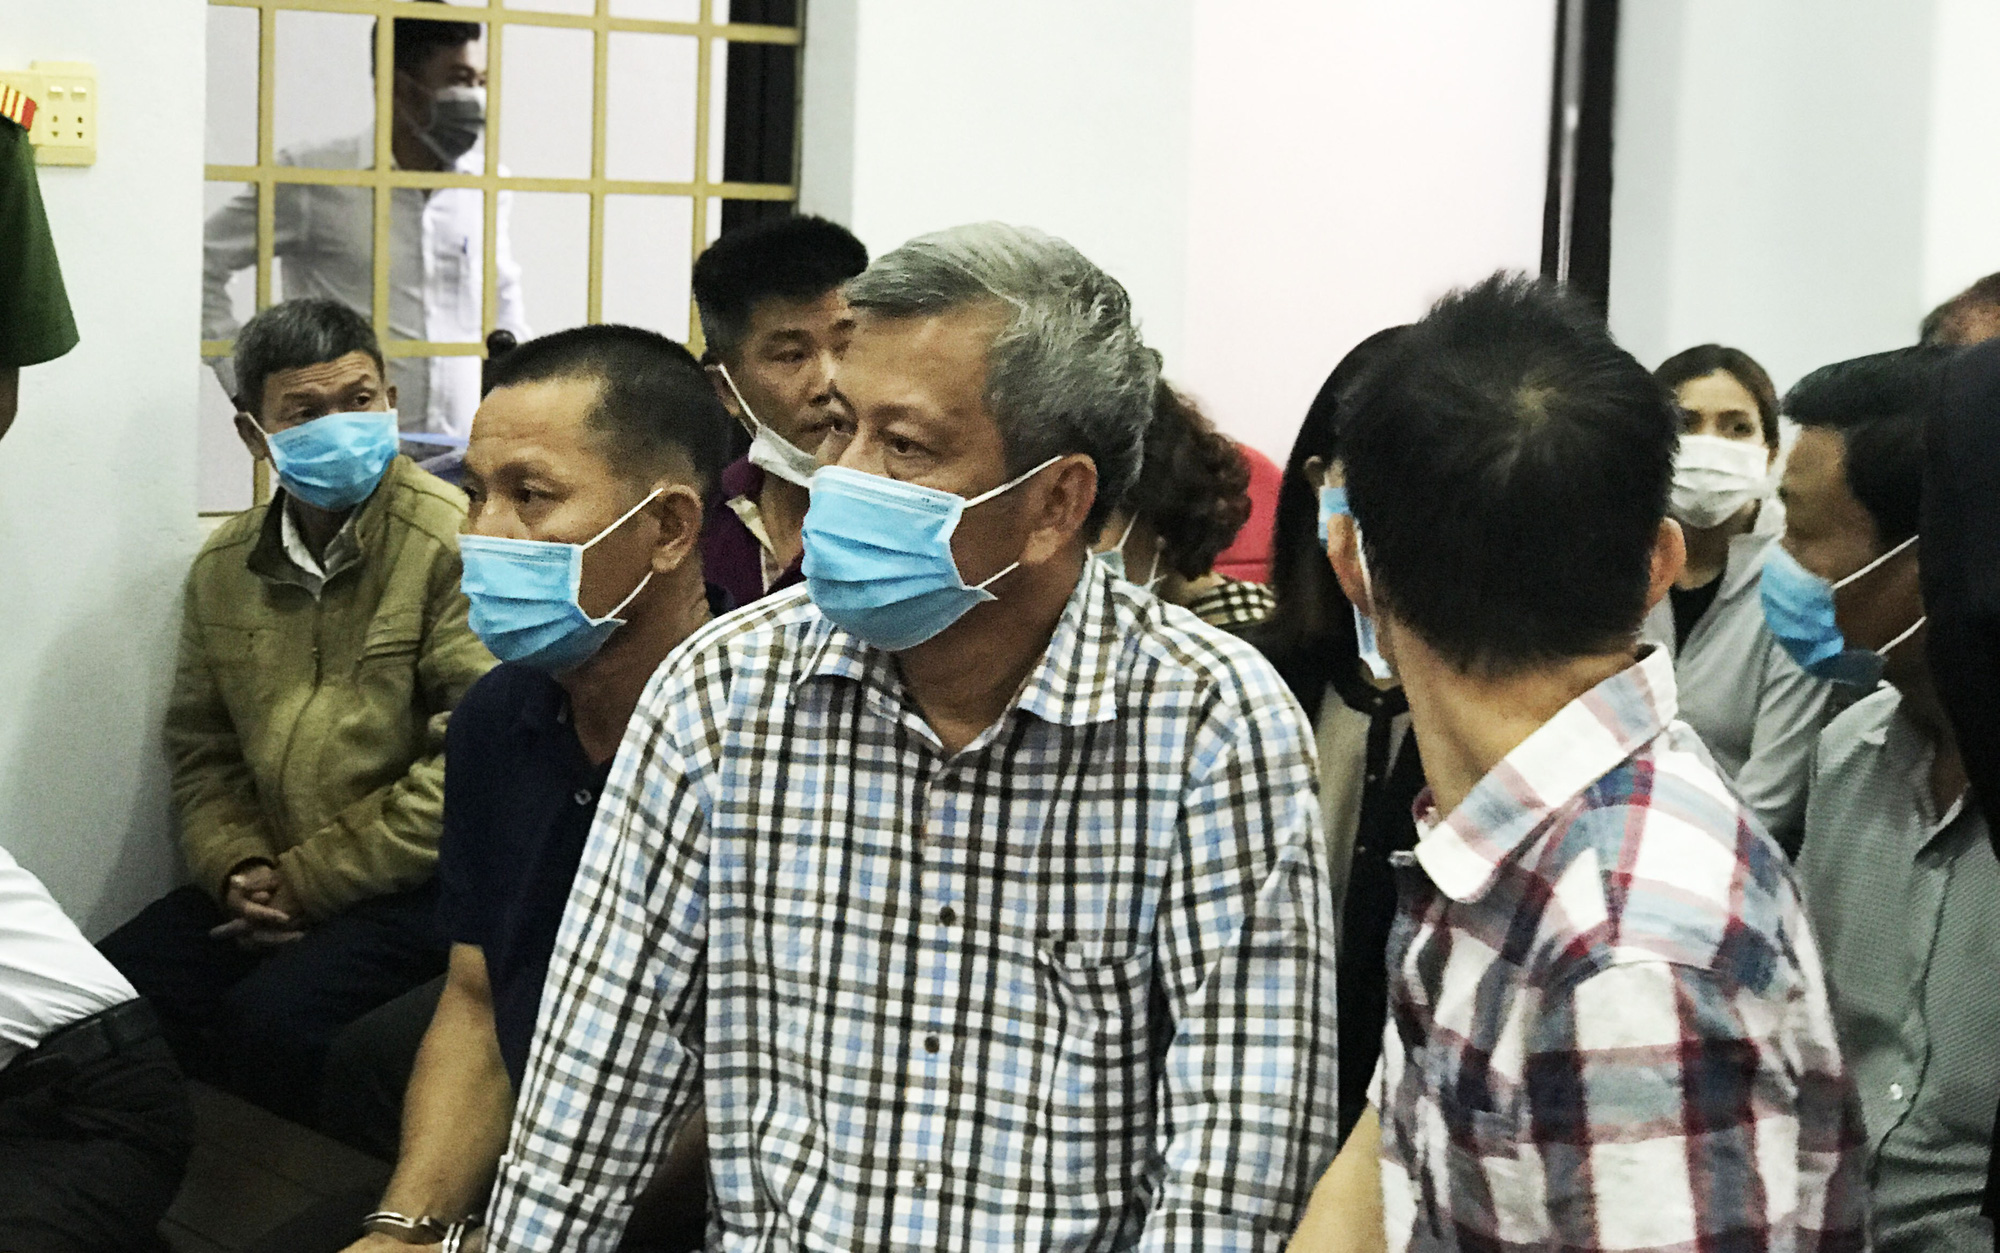 Xét xử đại gia Trịnh Sướng: Hai bị cáo và nhiều người liên quan vắng mặt - Ảnh 1.